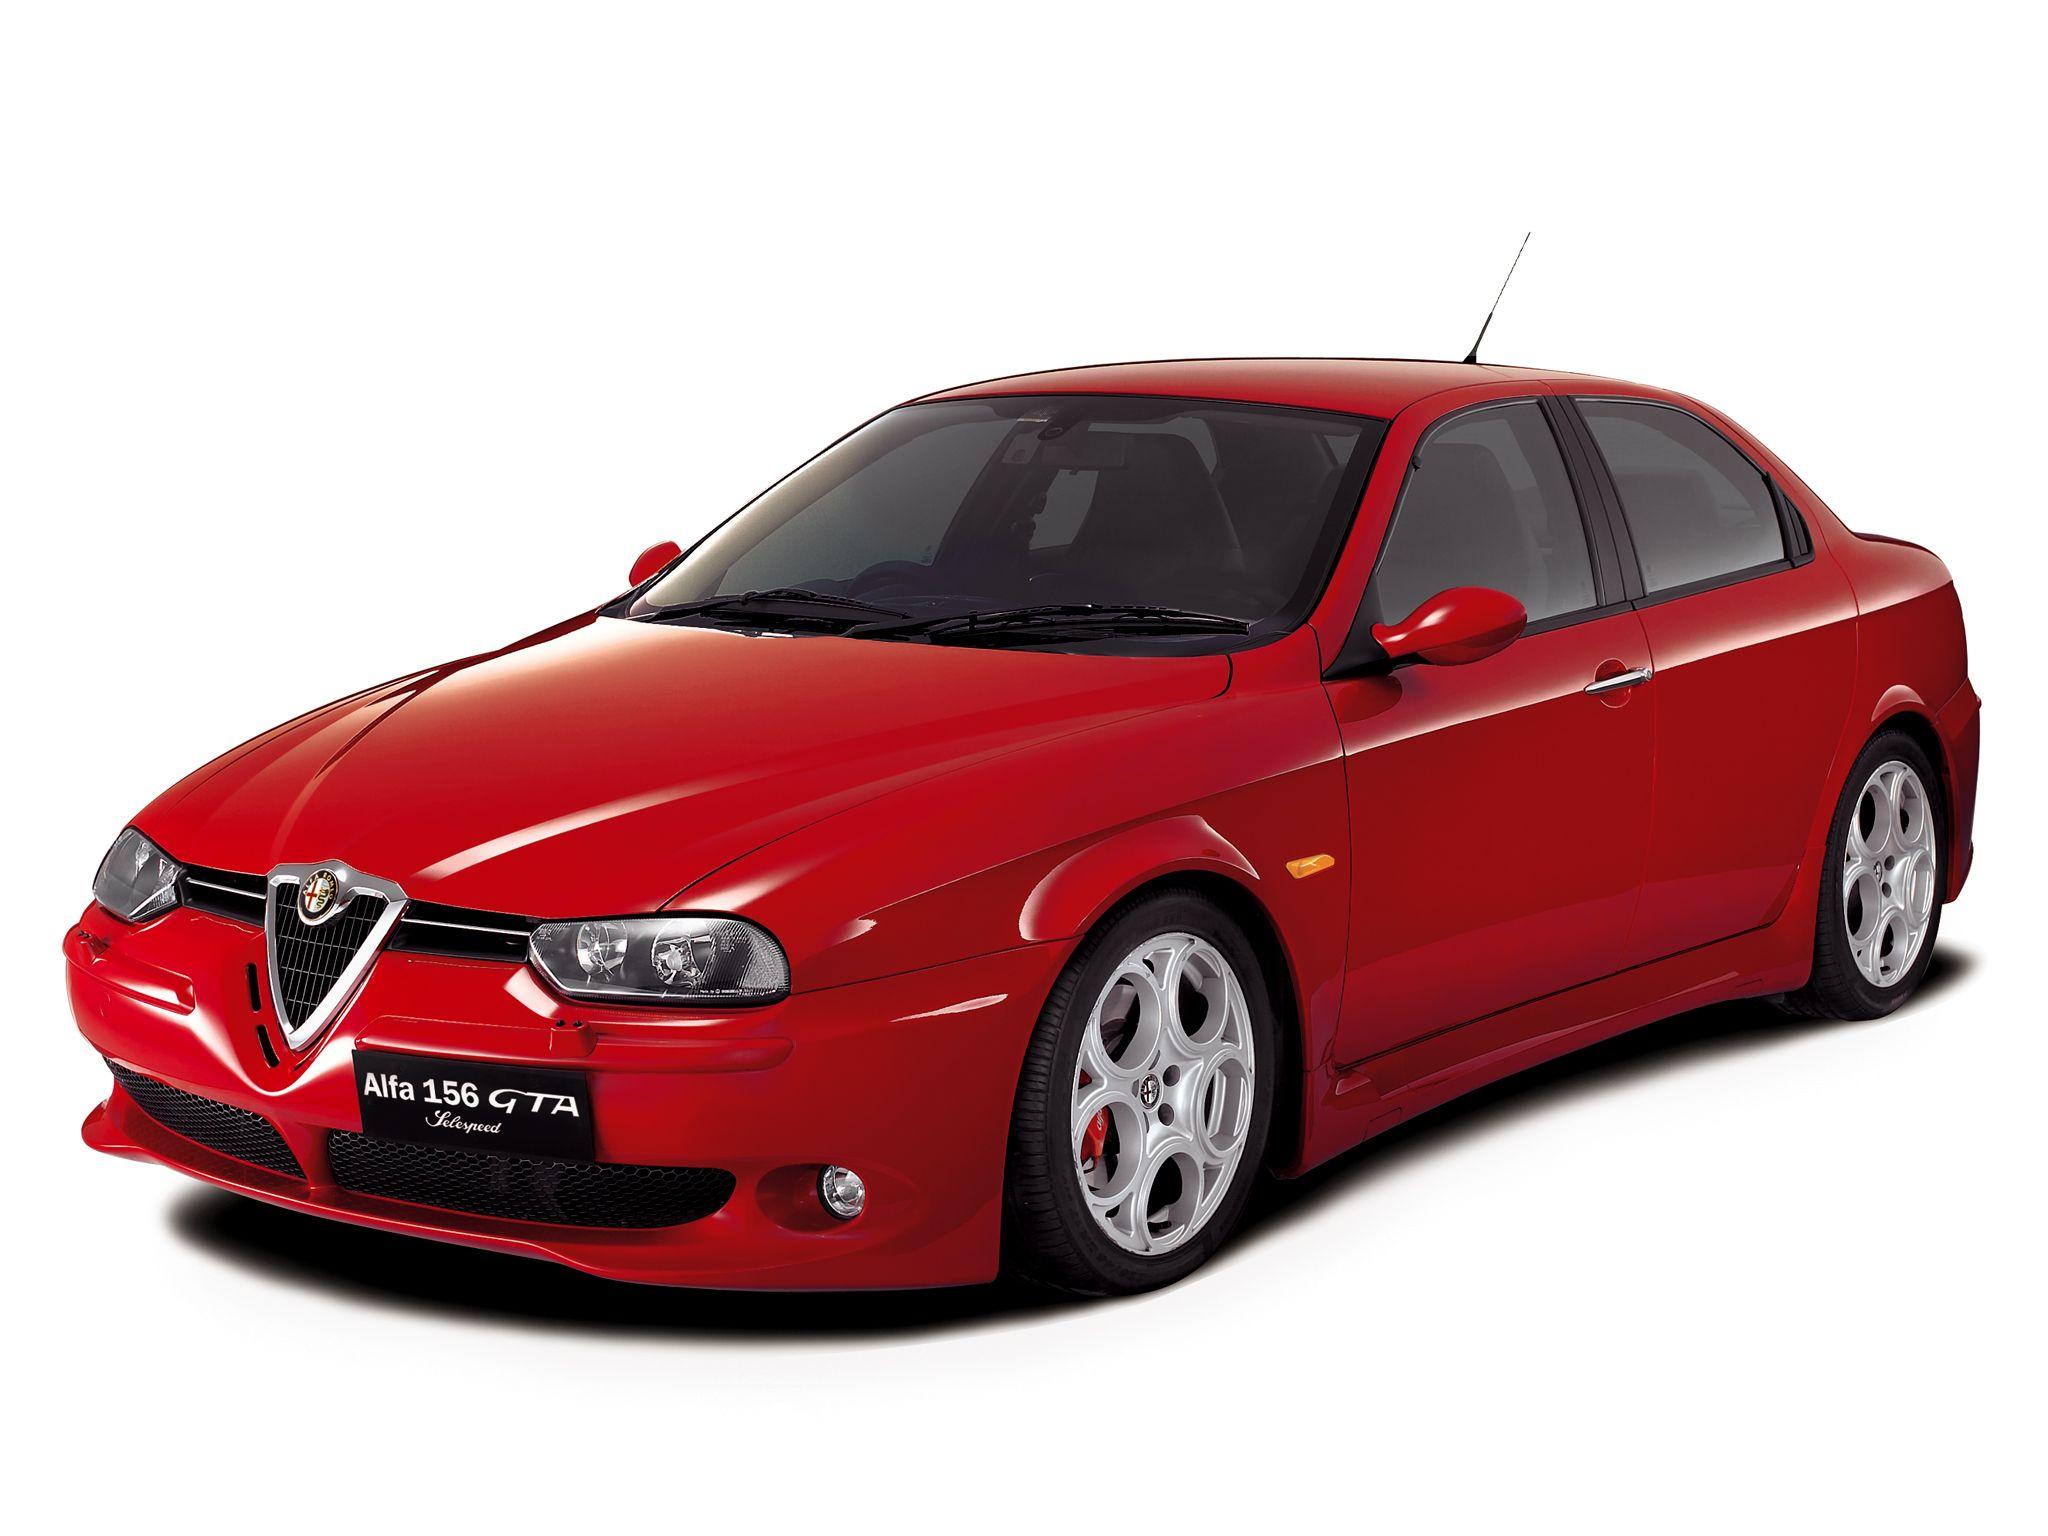 Alfa Romeo 156 GTA Cars Pinterest